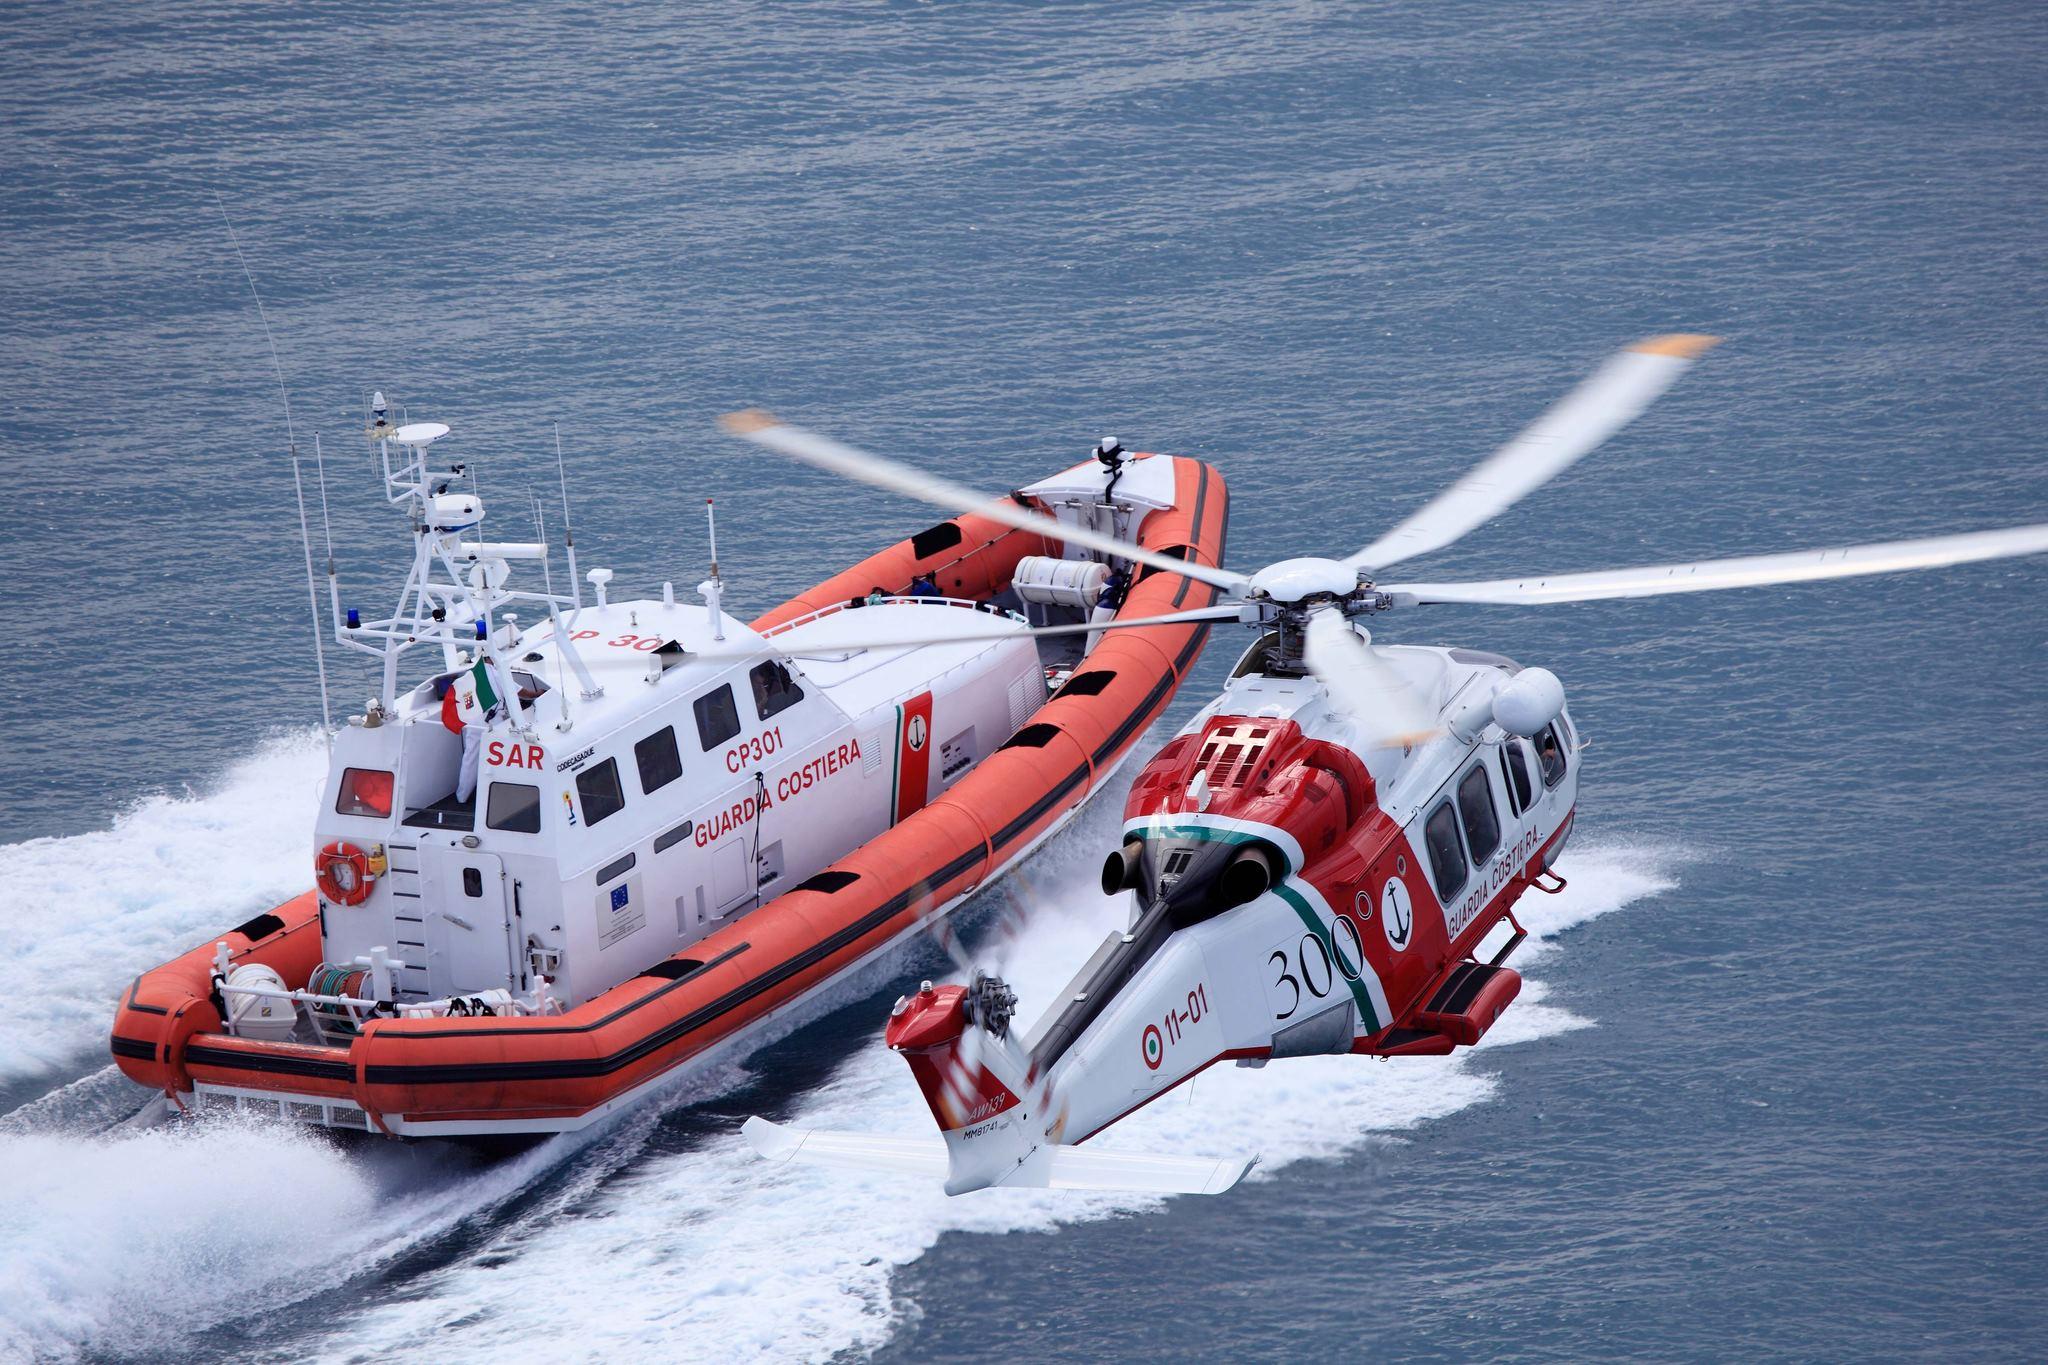 Si stacca una gru da una piattaforma due feriti ed un disperso sul posto la Guardia Costiera